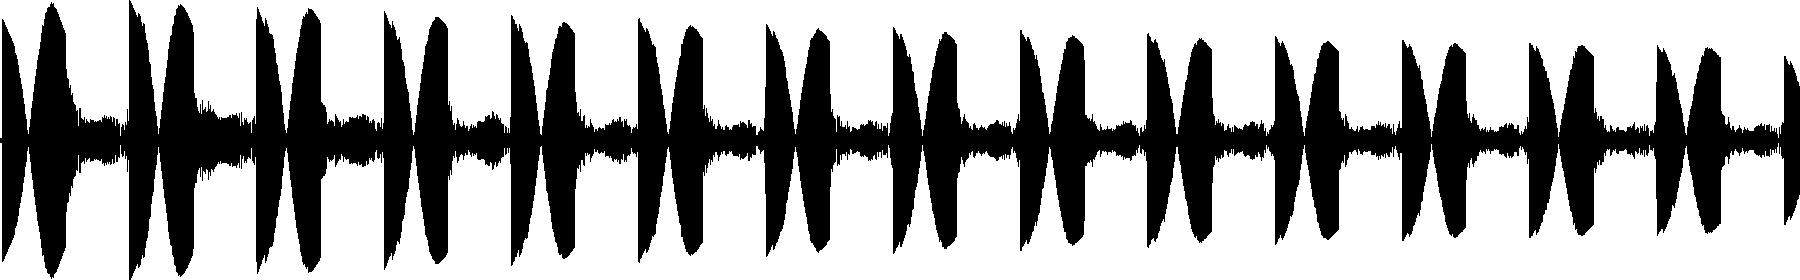 veh2 synths   106 c